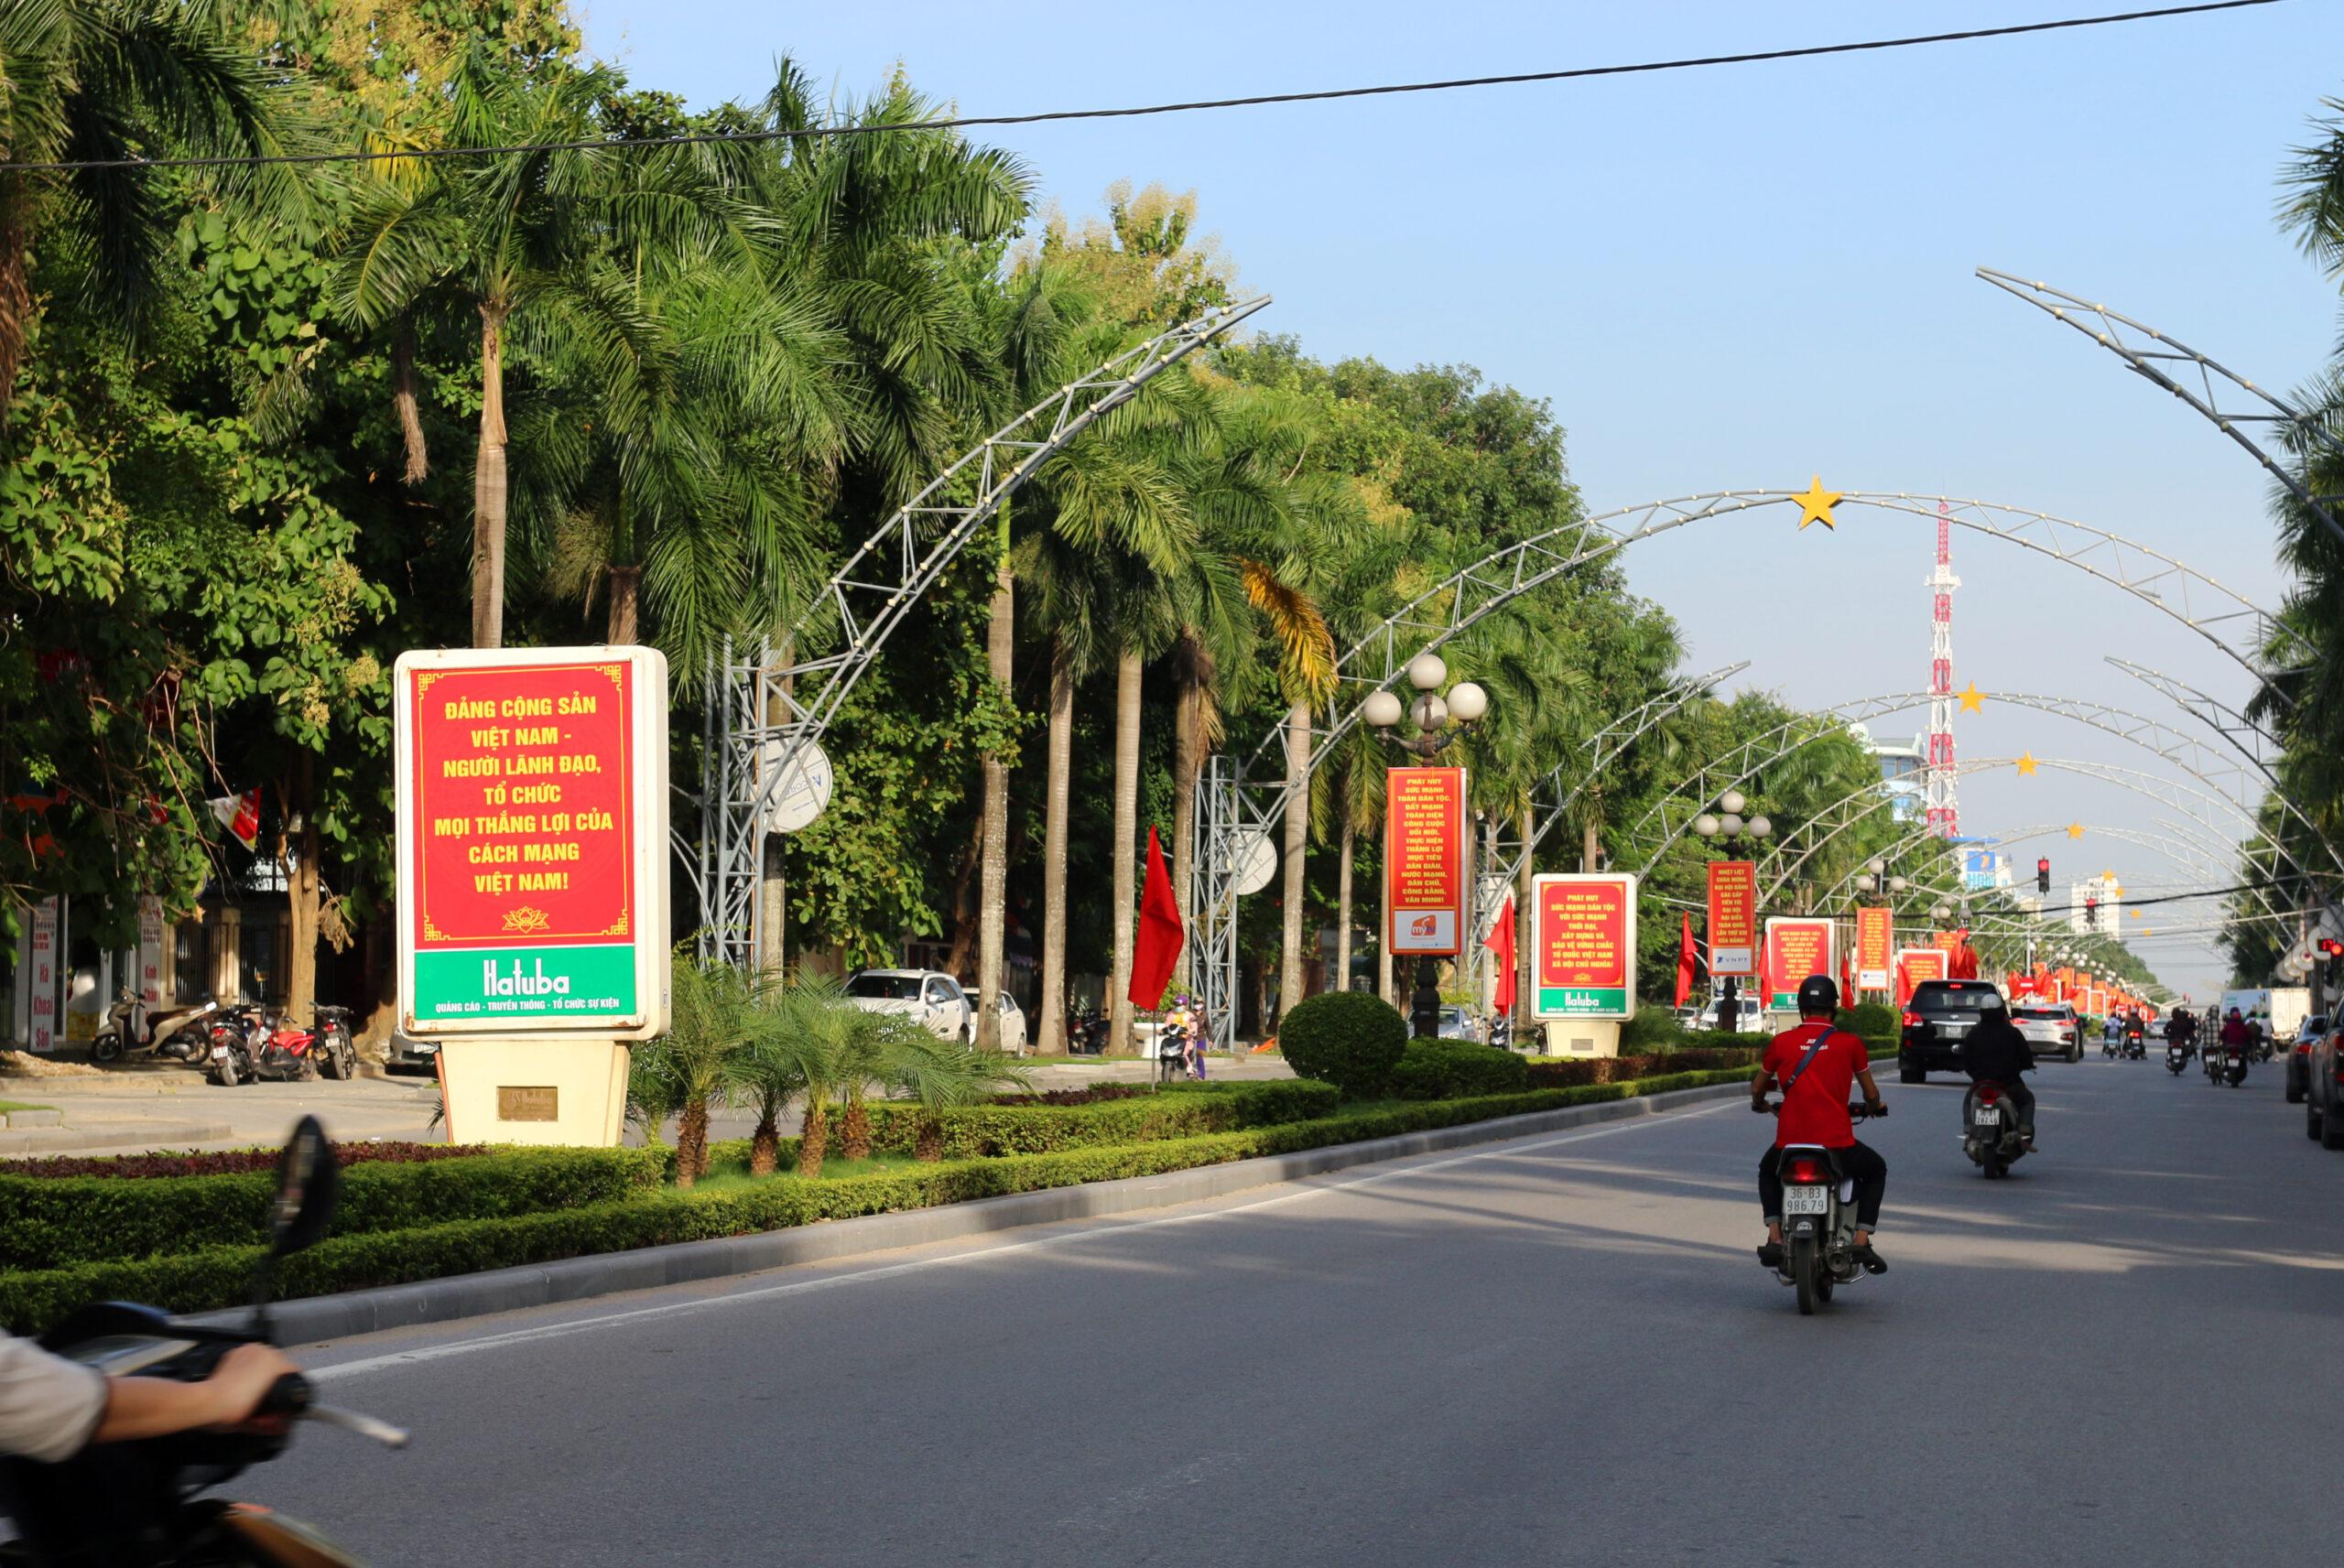 Đại lộ Lê Lợi rực rỡ trong sắc đỏ cờ và khẩu hiệu